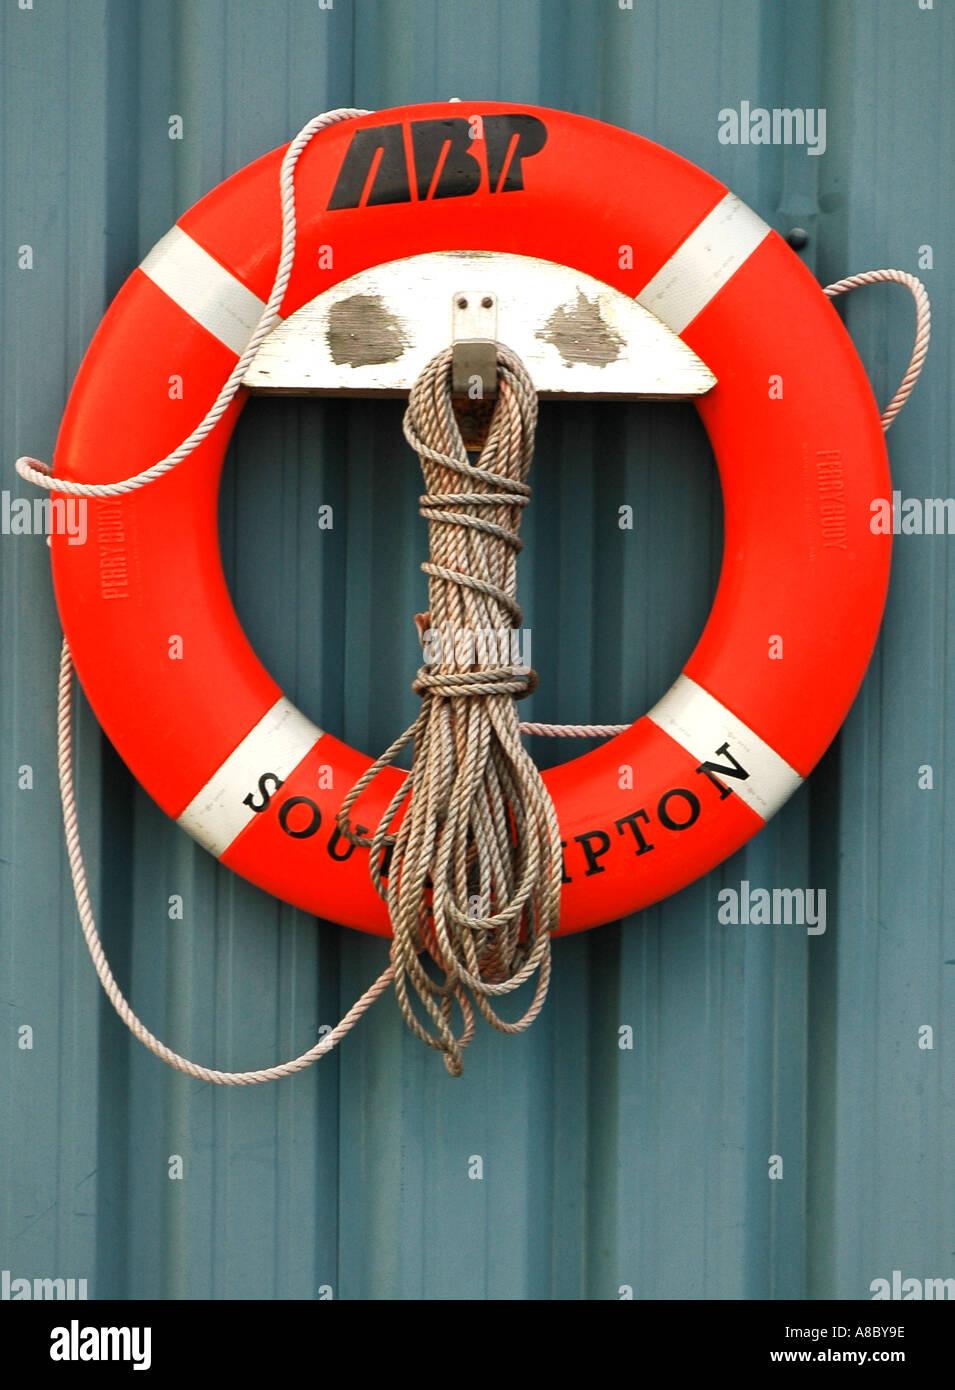 Lifebuoy - Stock Image